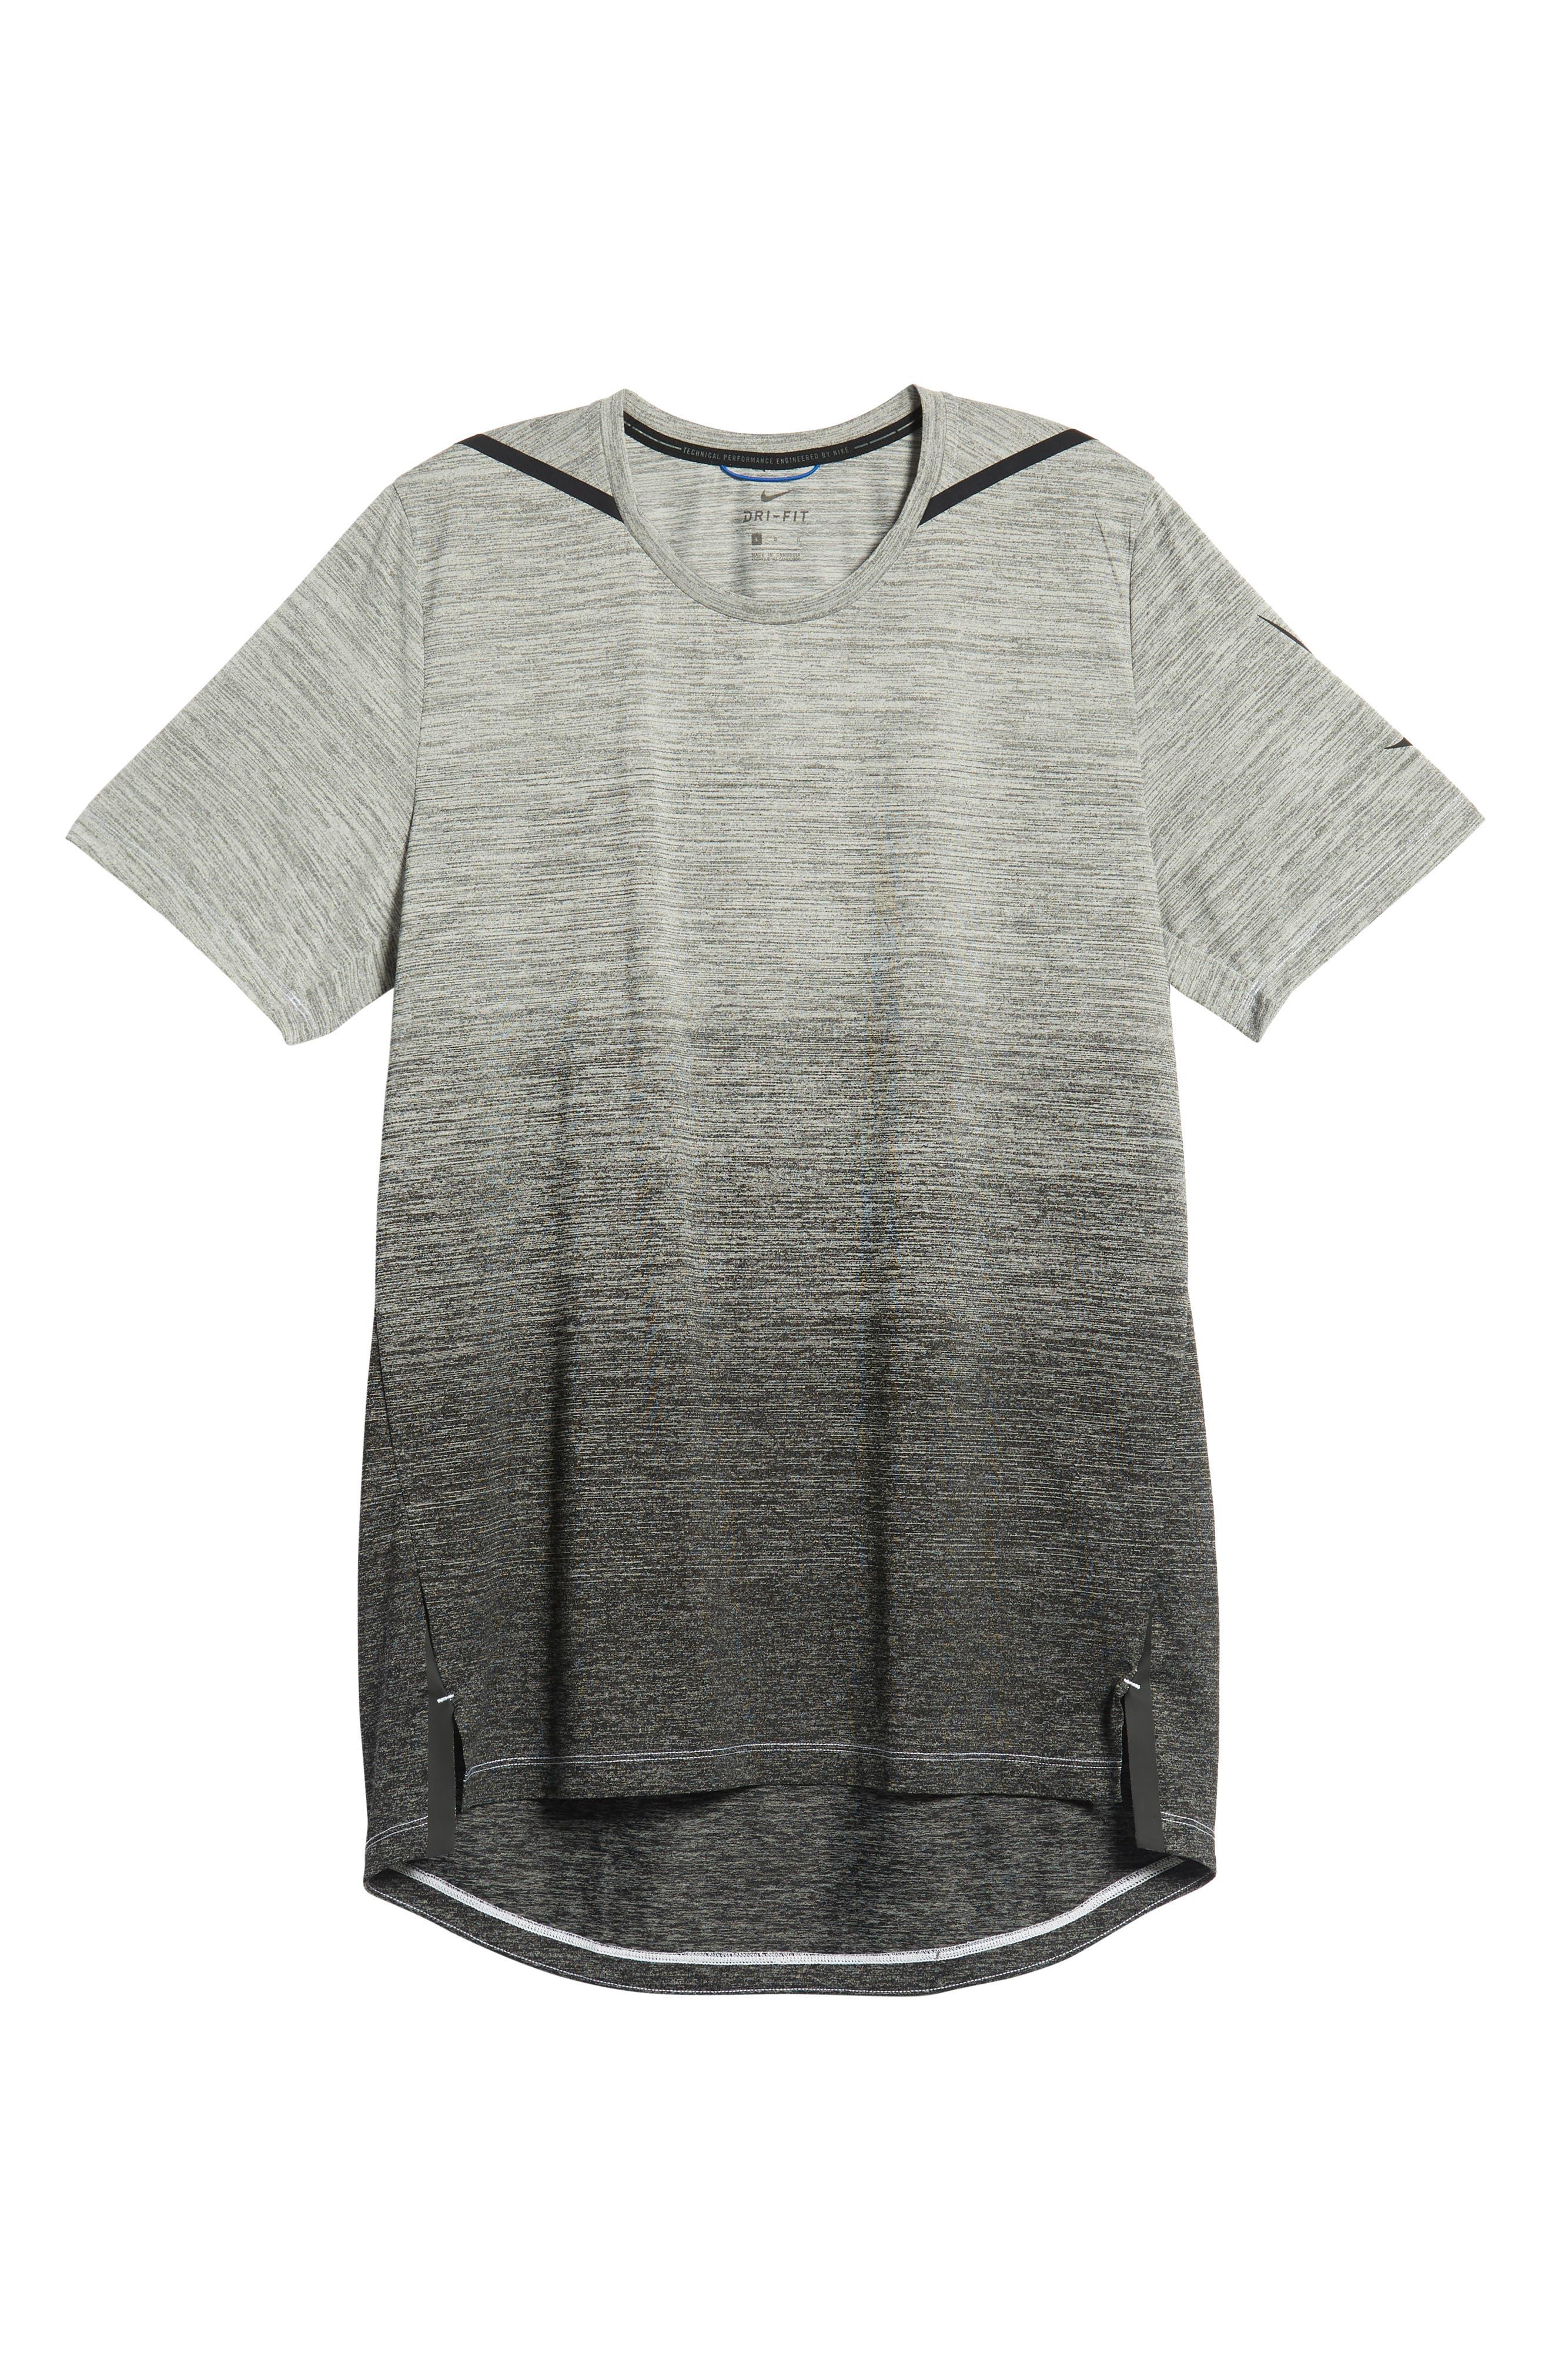 Dry Max Training T-Shirt,                             Alternate thumbnail 6, color,                             BLACK/ WHITE/ HYPER COBALT